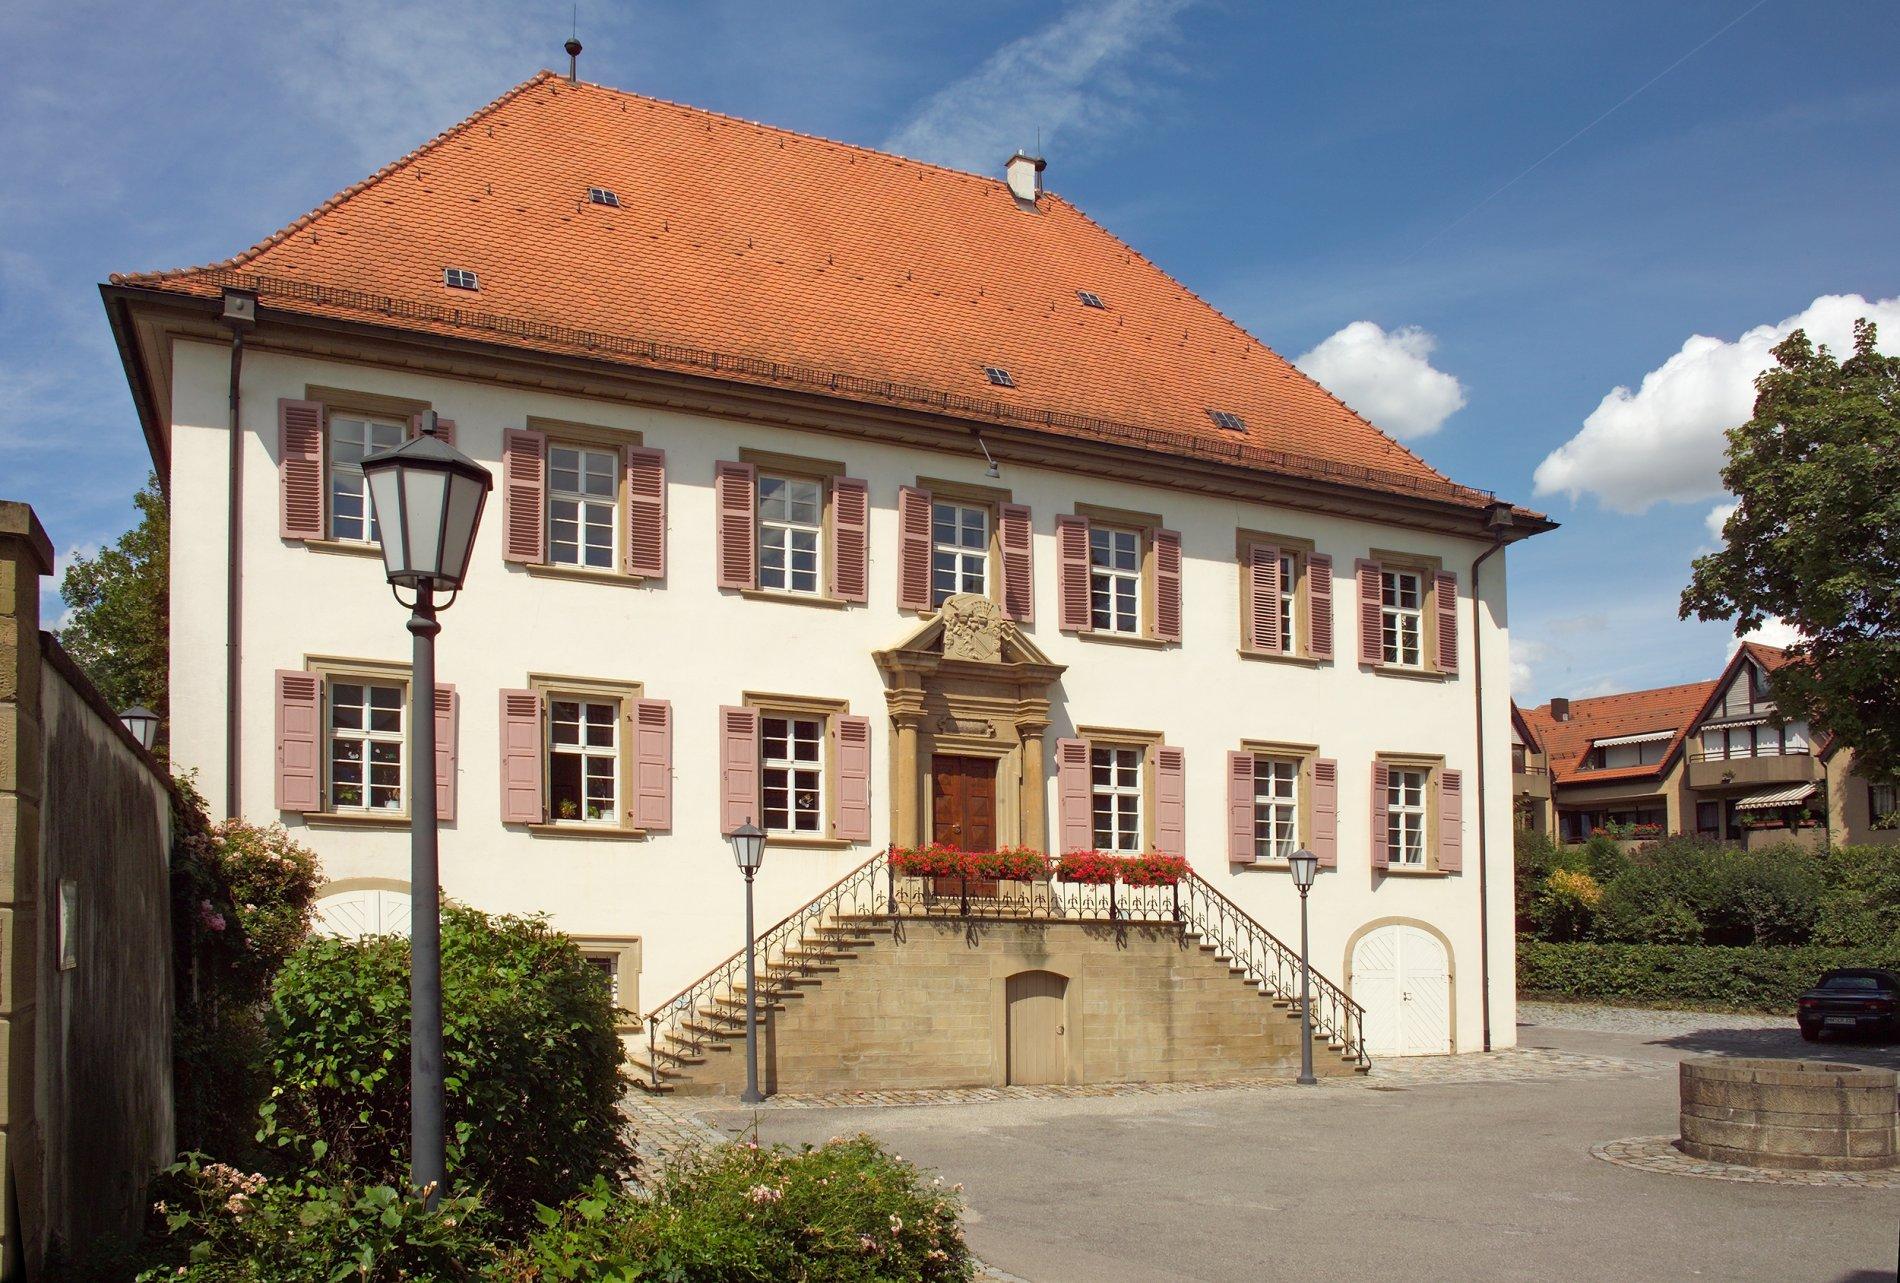 Andre'sches Schlösschen Bad Friedrichshall